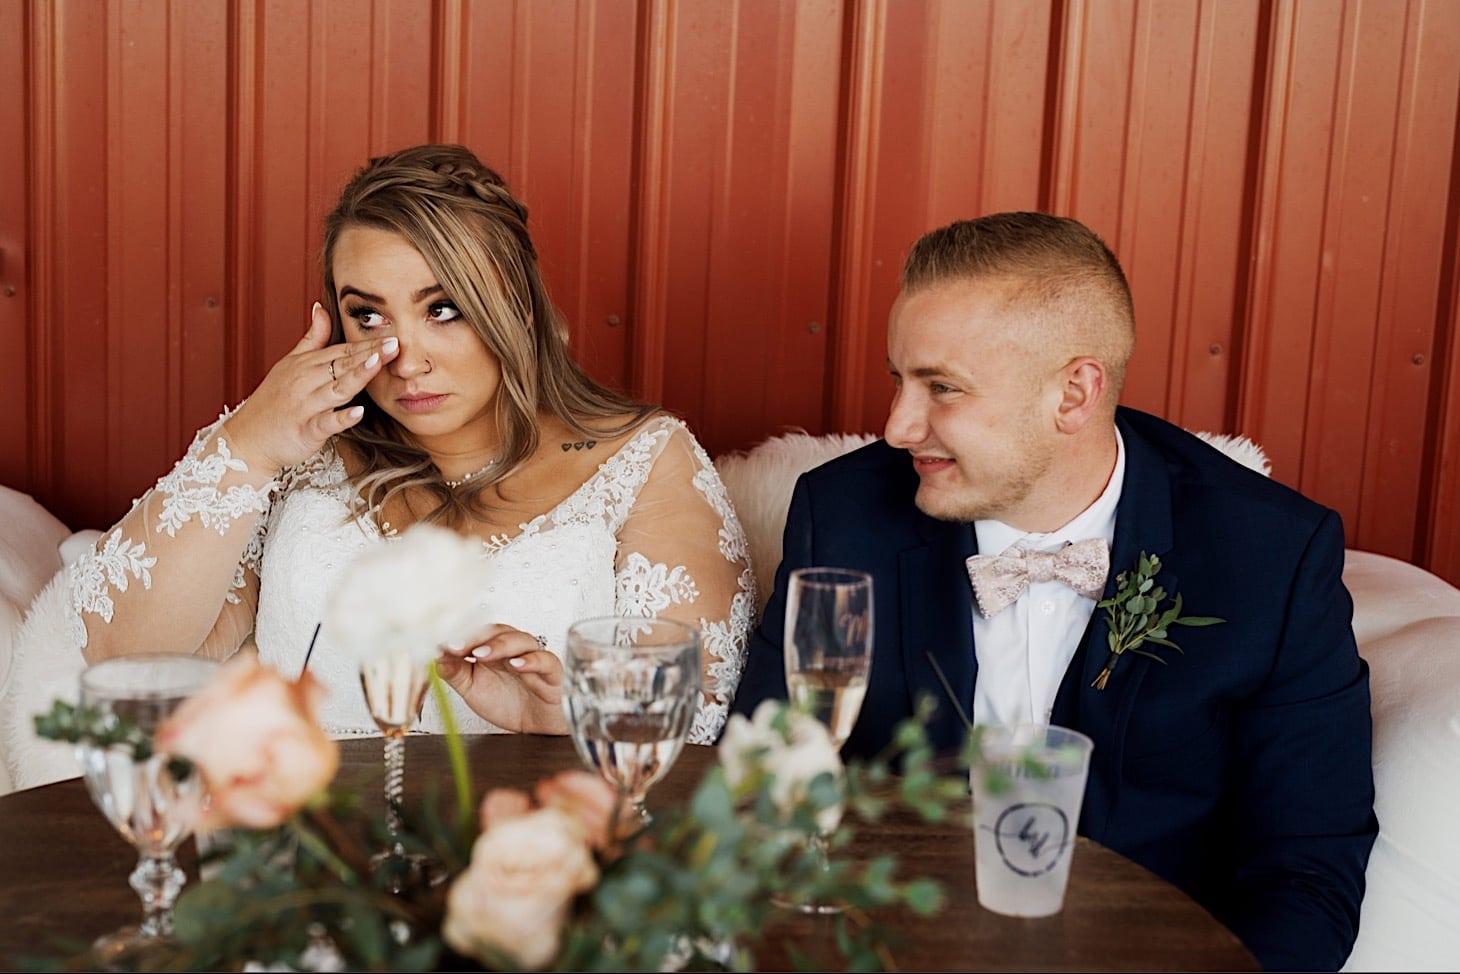 wedding toast photos des moines photography